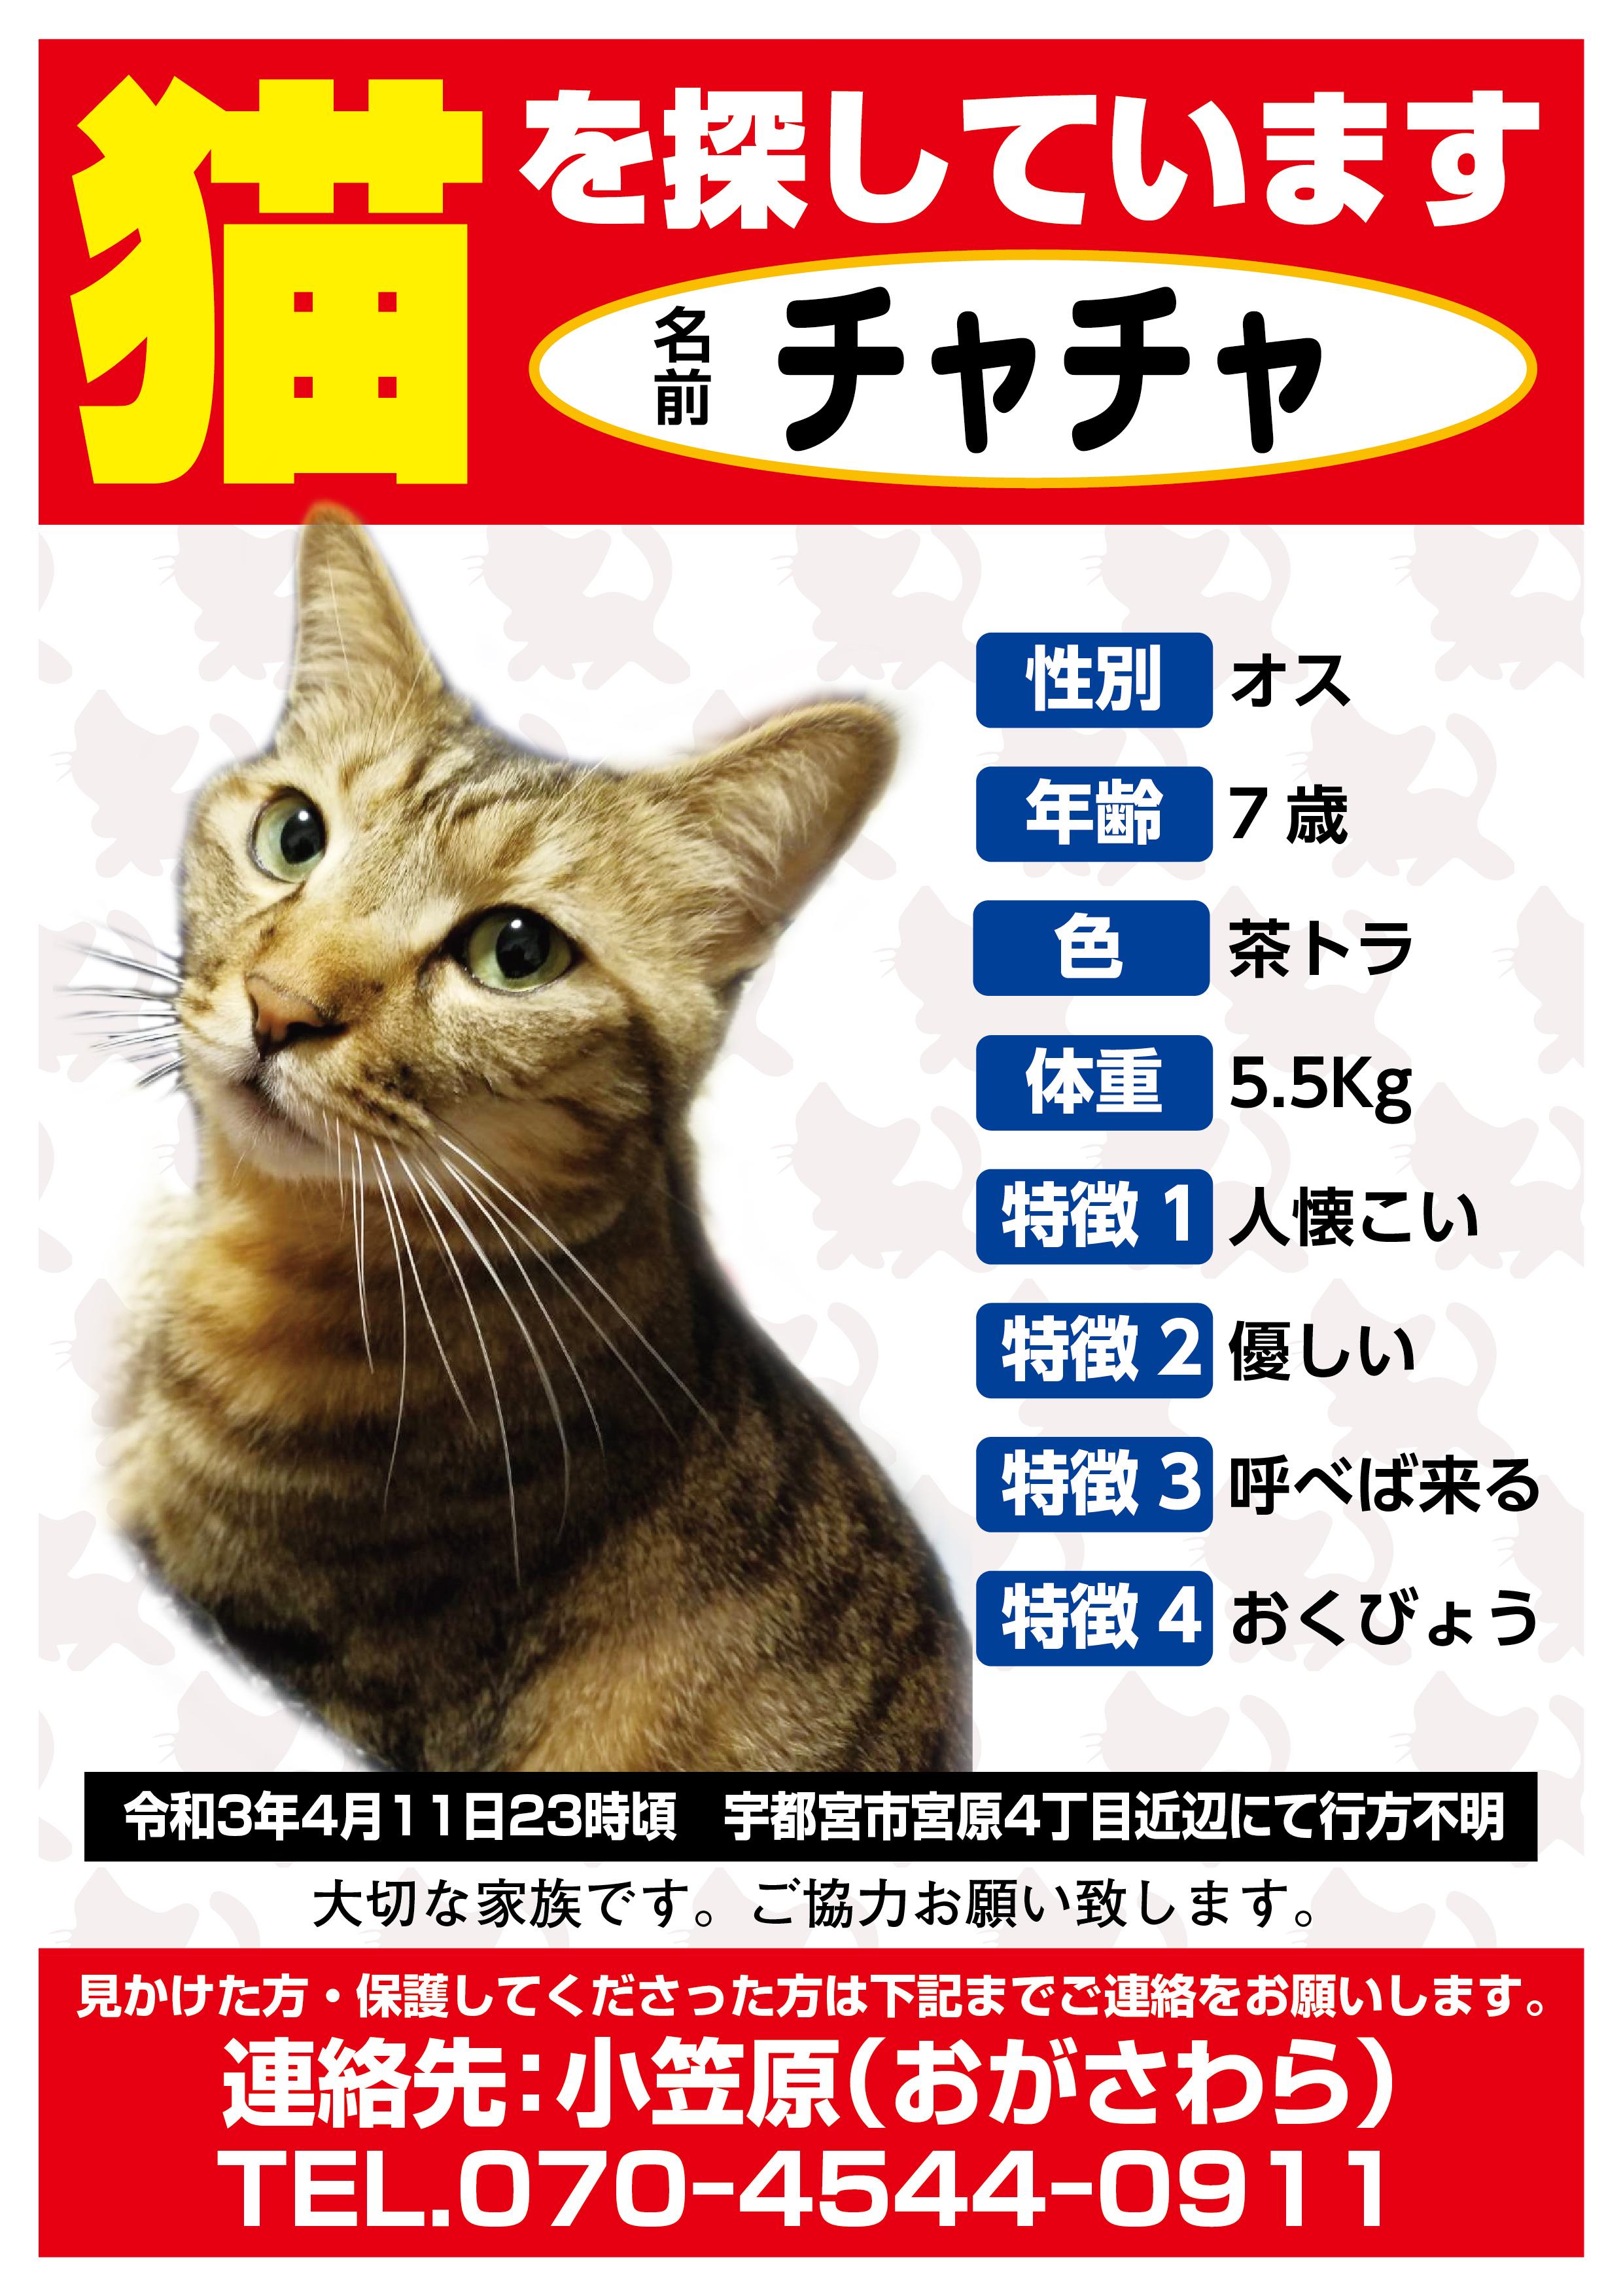 迷い猫 チャチャちゃん